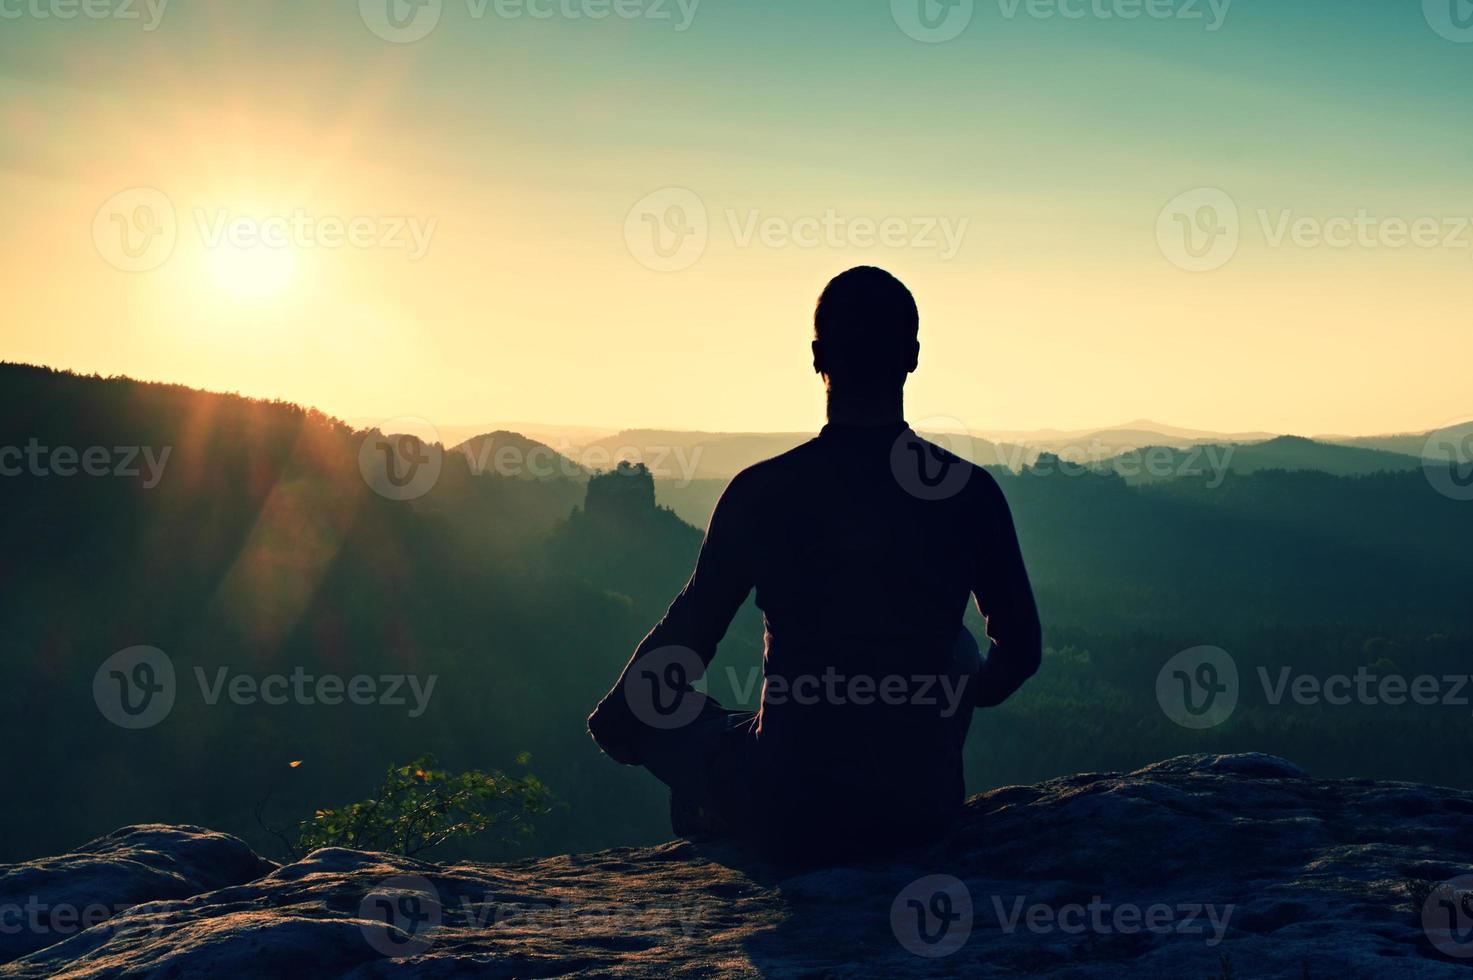 wandelaar in gehurkte positie op een rots, geniet van dybreak-landschap foto